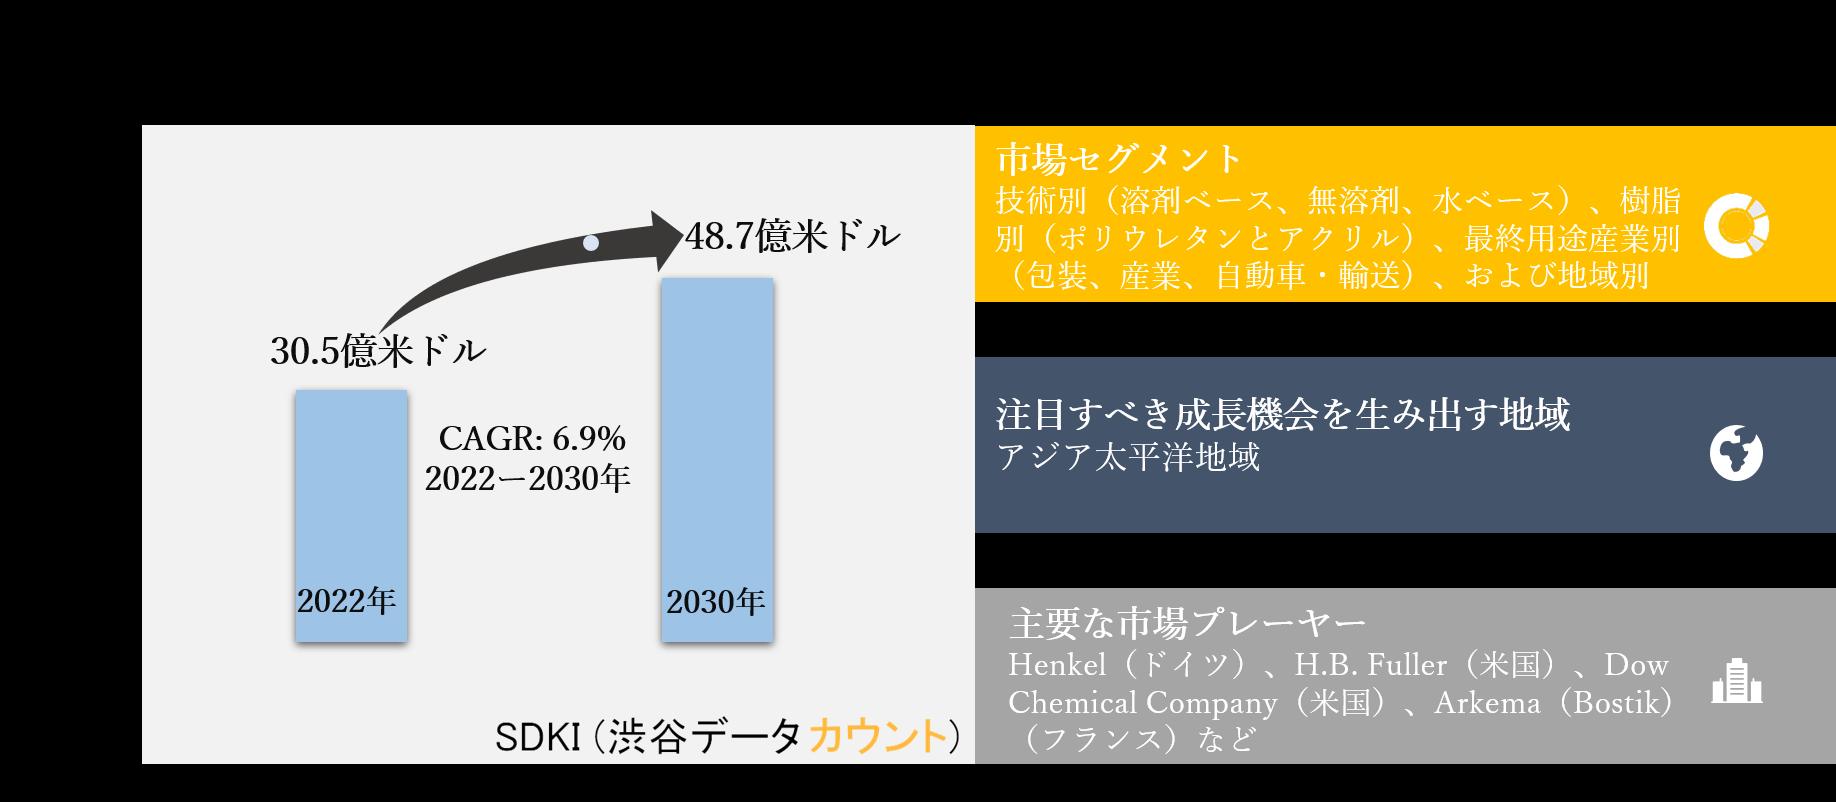 ラミネート接着剤市場ー技術別(溶剤ベース、無溶剤、水ベース)、樹脂別(ポリウレタンとアクリル)、最終用途産業別(包装、産業、自動車・輸送)、および地域別ー世界的な予測2030年